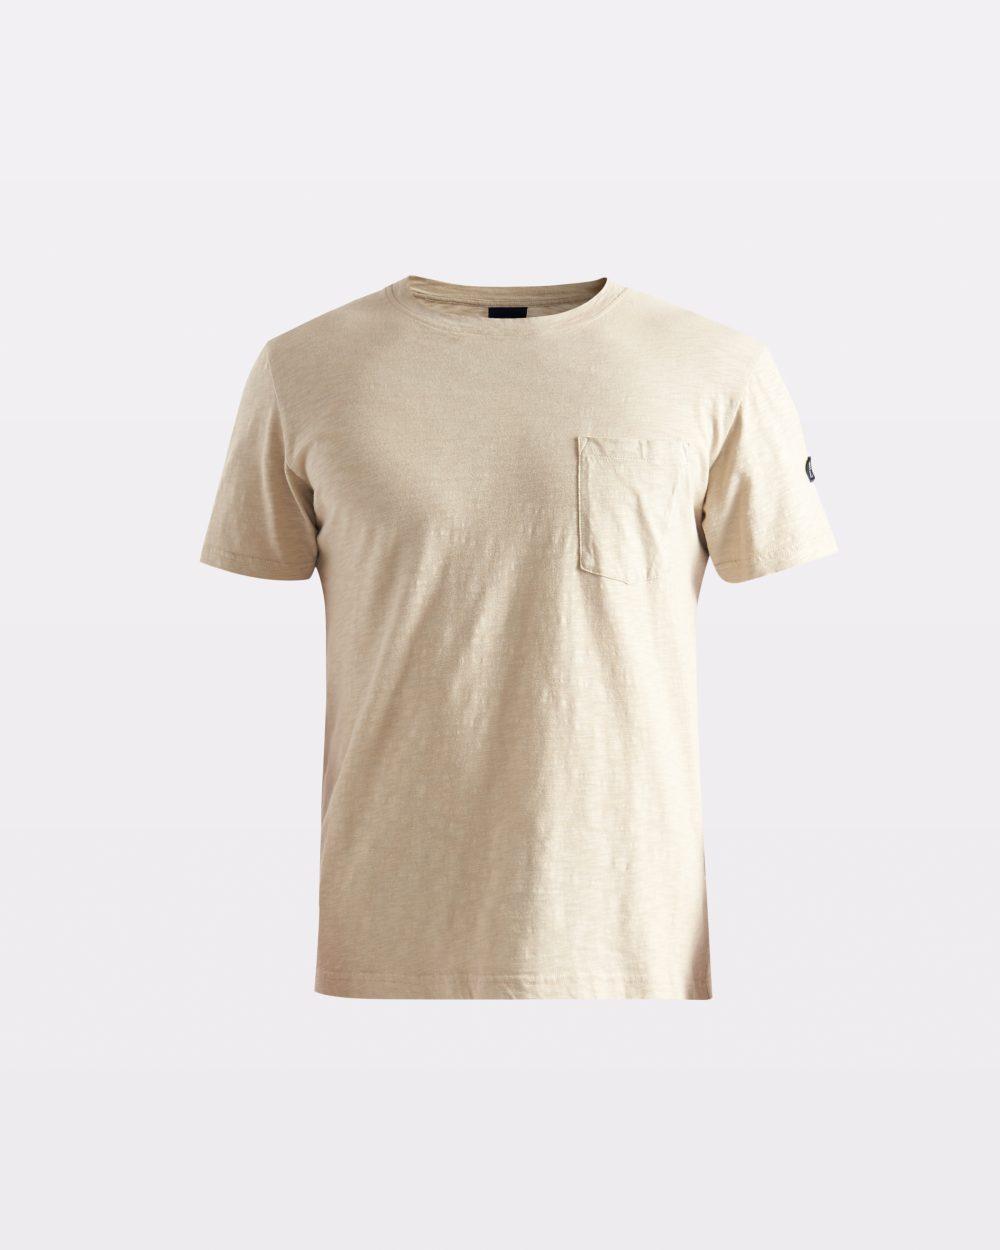 Miesten rento eläväpintainen t-paita